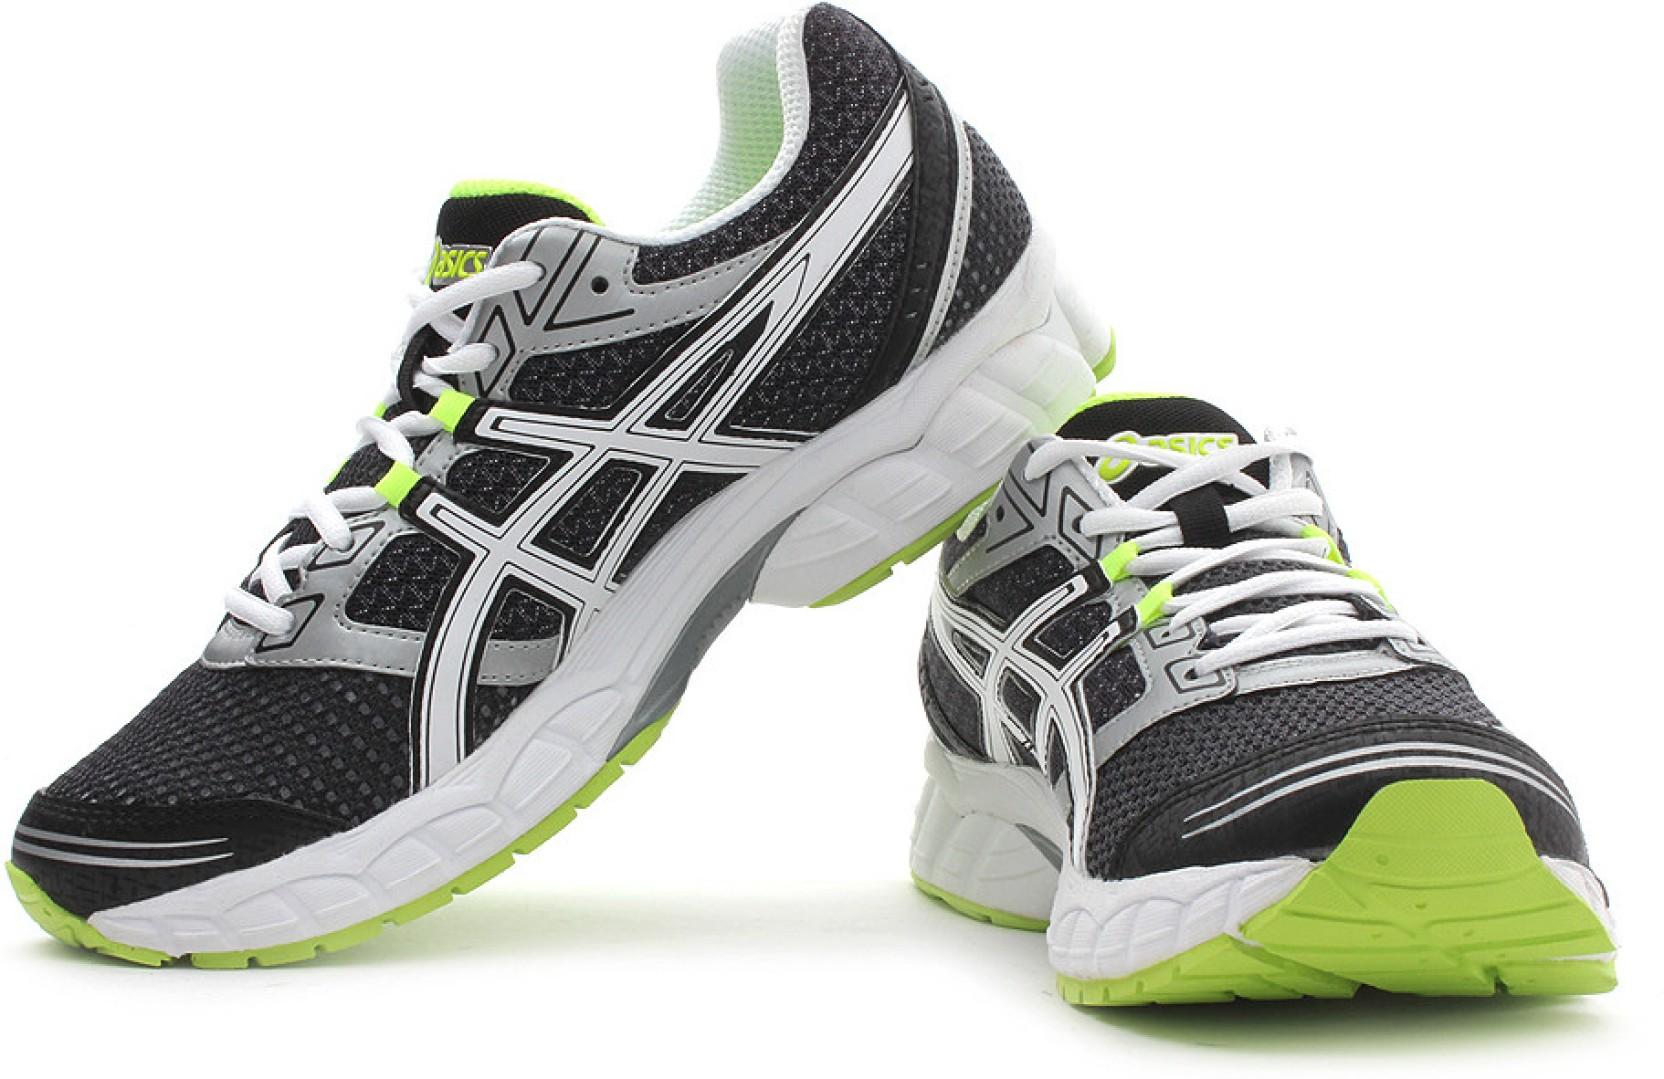 7ff047d5837 Asics Gel-Pulse 5 Men Running Shoes For Men - Buy White